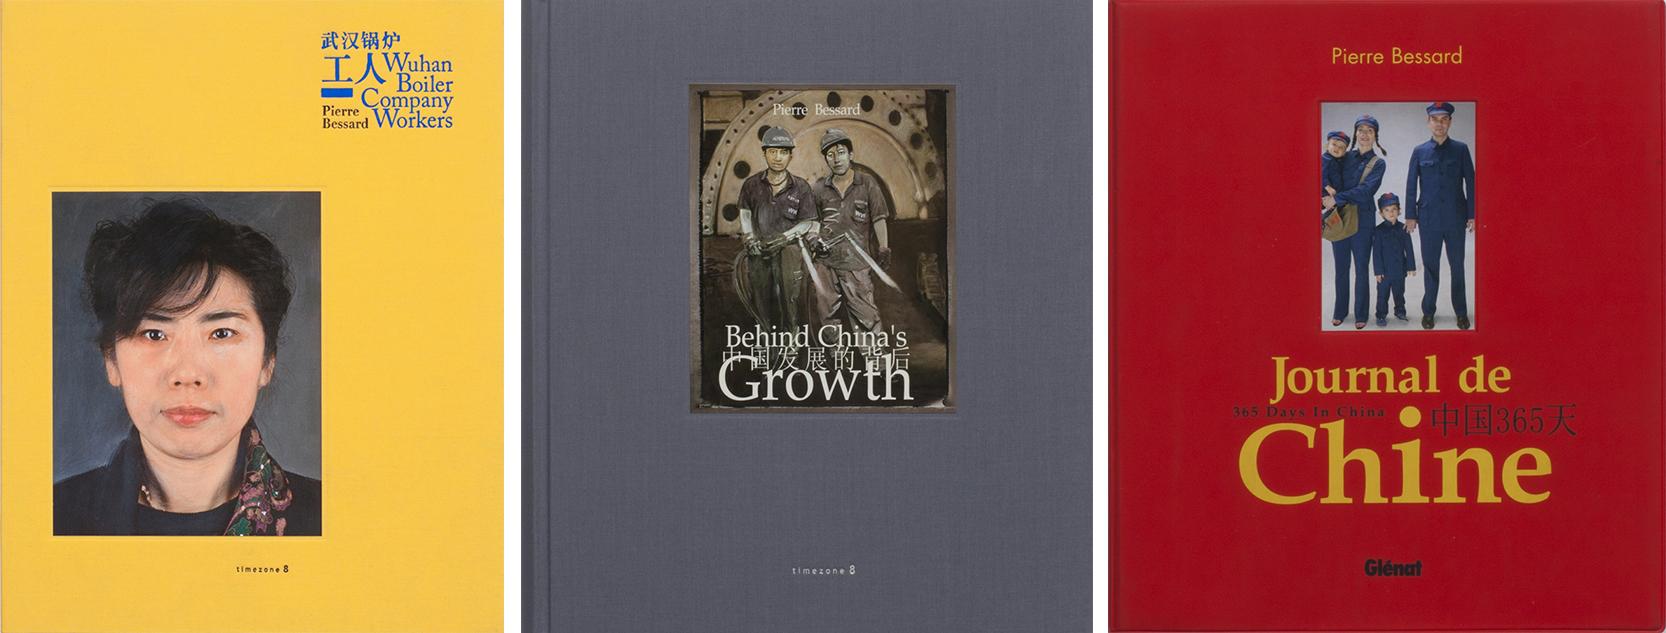 Pierre Bessard's previous publications